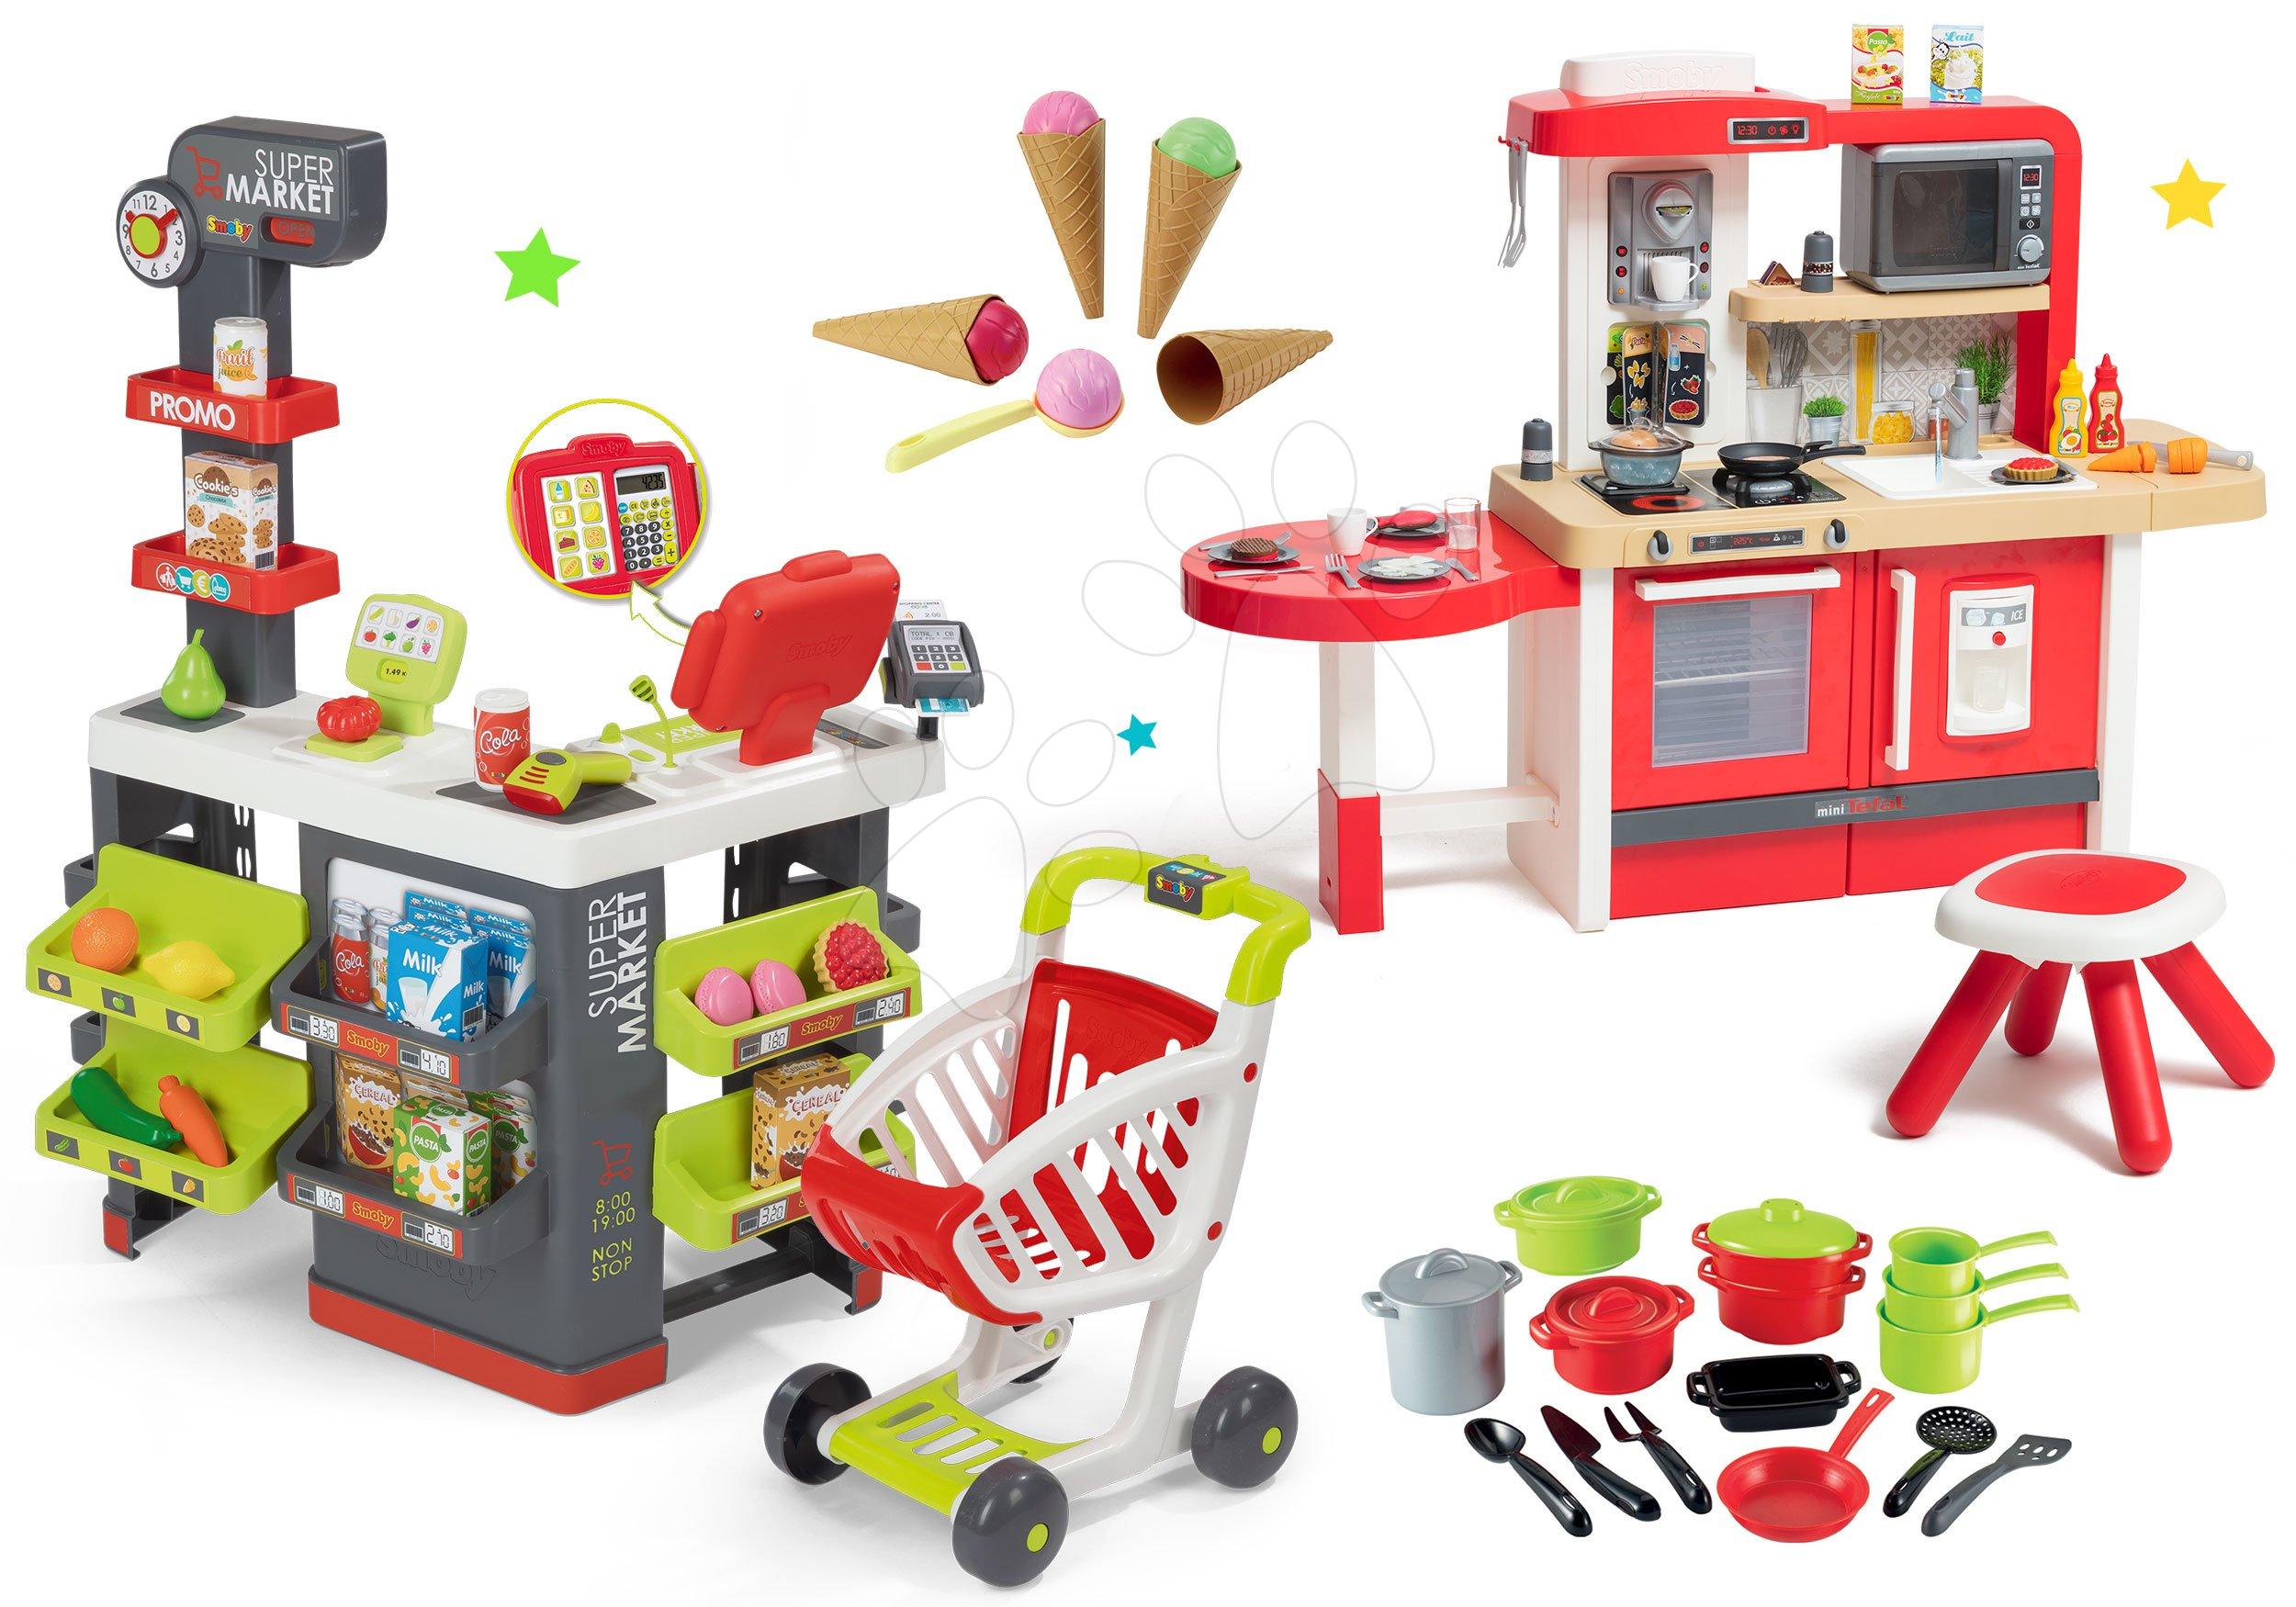 Smoby set obchod Supermarket s pokladnou a kuchyňka Superchef s hrnci a zmrzlinou 350213-28